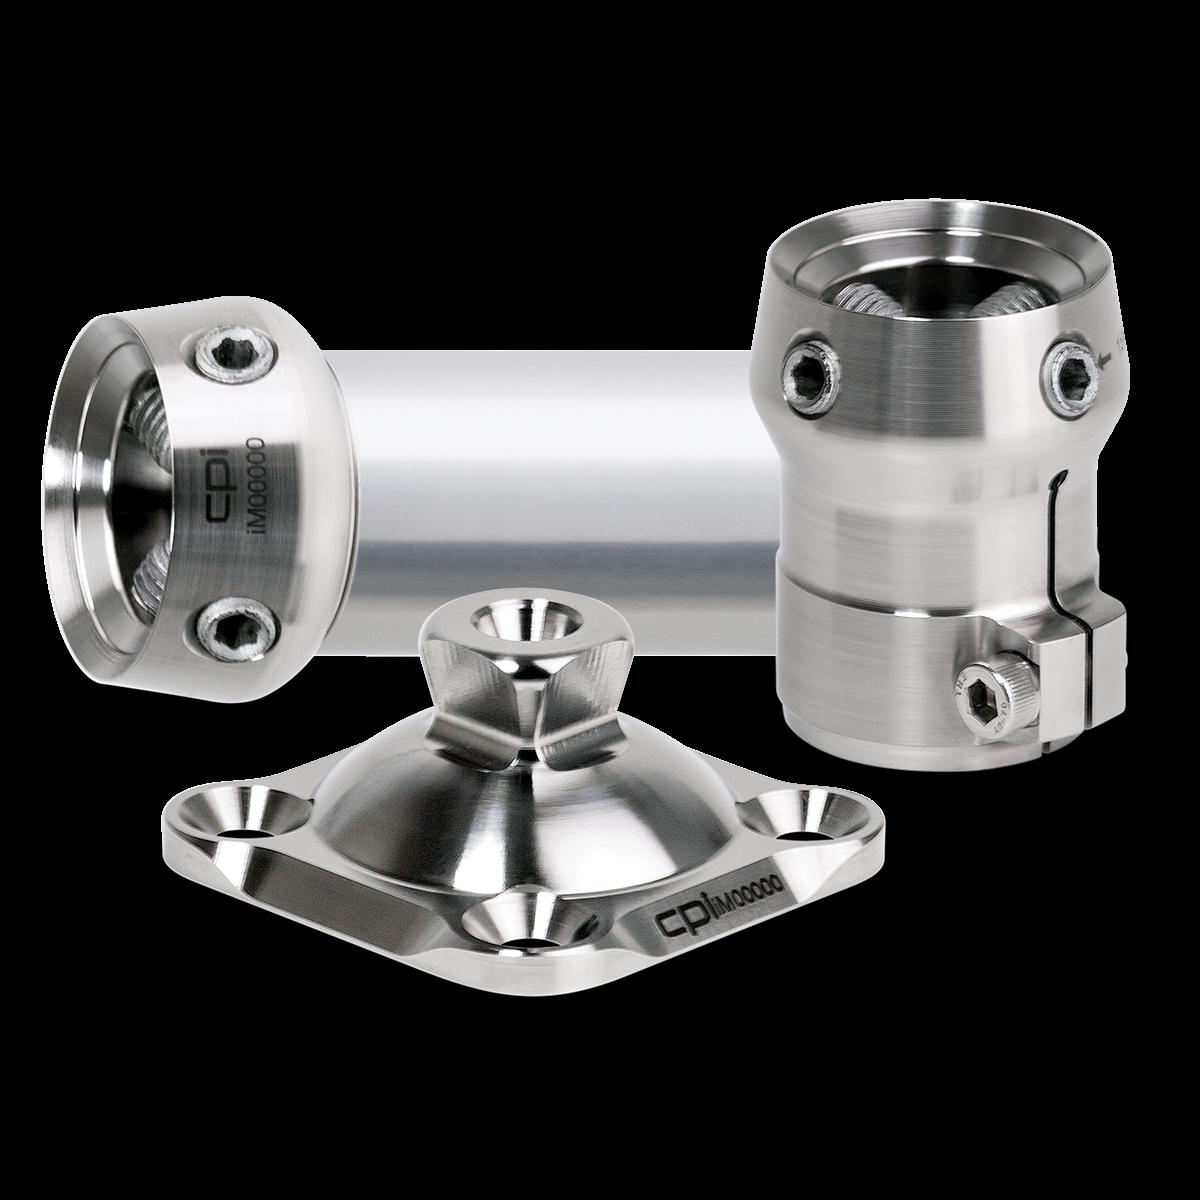 titanium-kit-large-430-pl